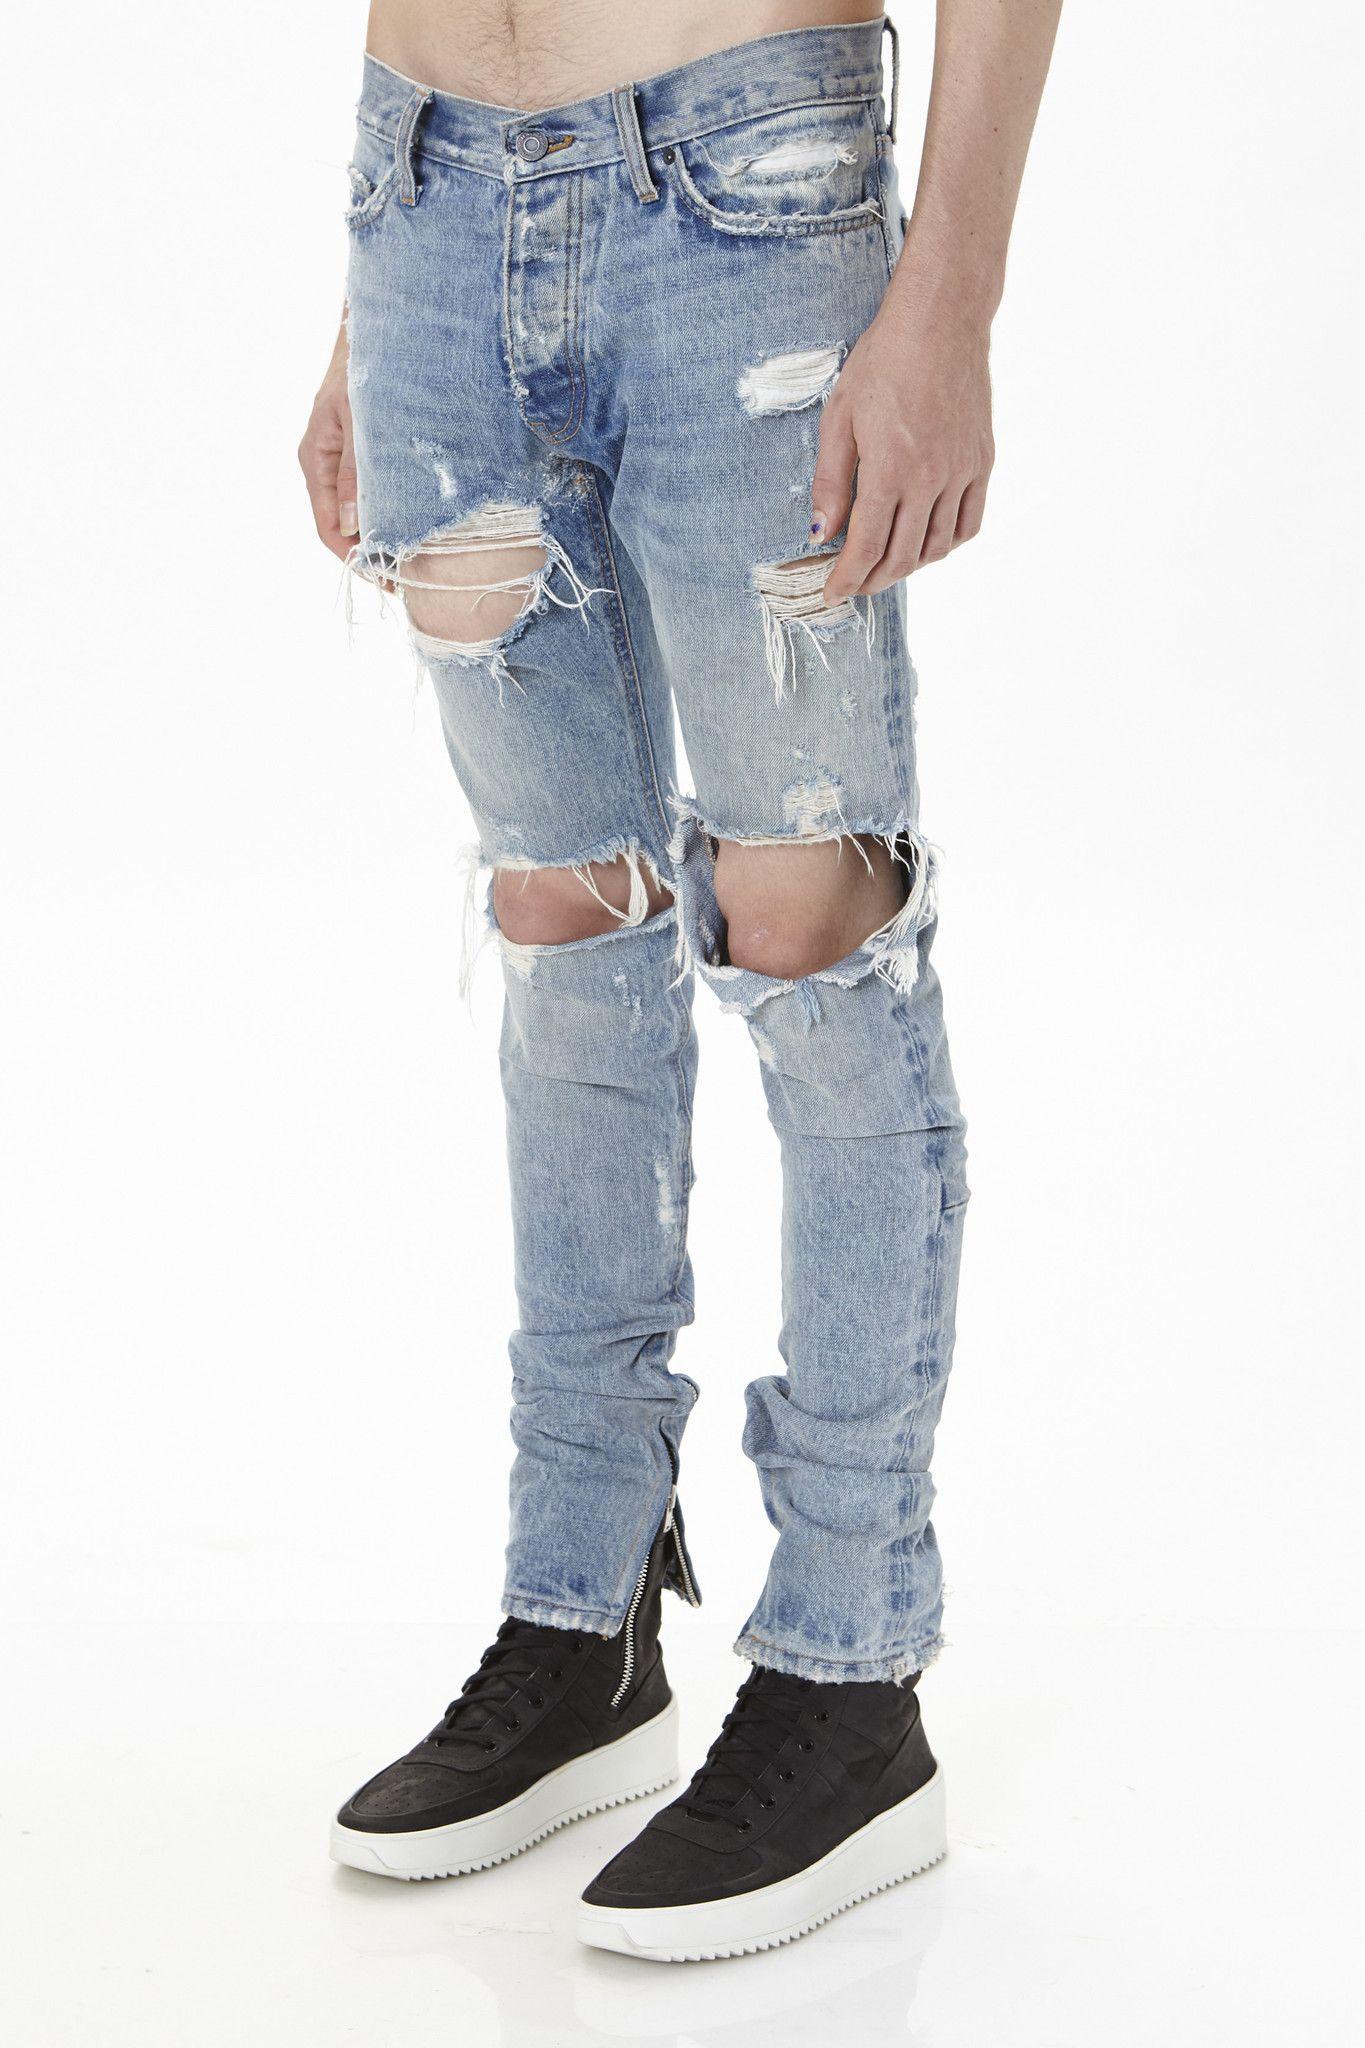 Selvedge Denim Vintage Indigo Jean Fear Of God Light Color Jeans Ripped Jeans Men Skinny Jeans Men